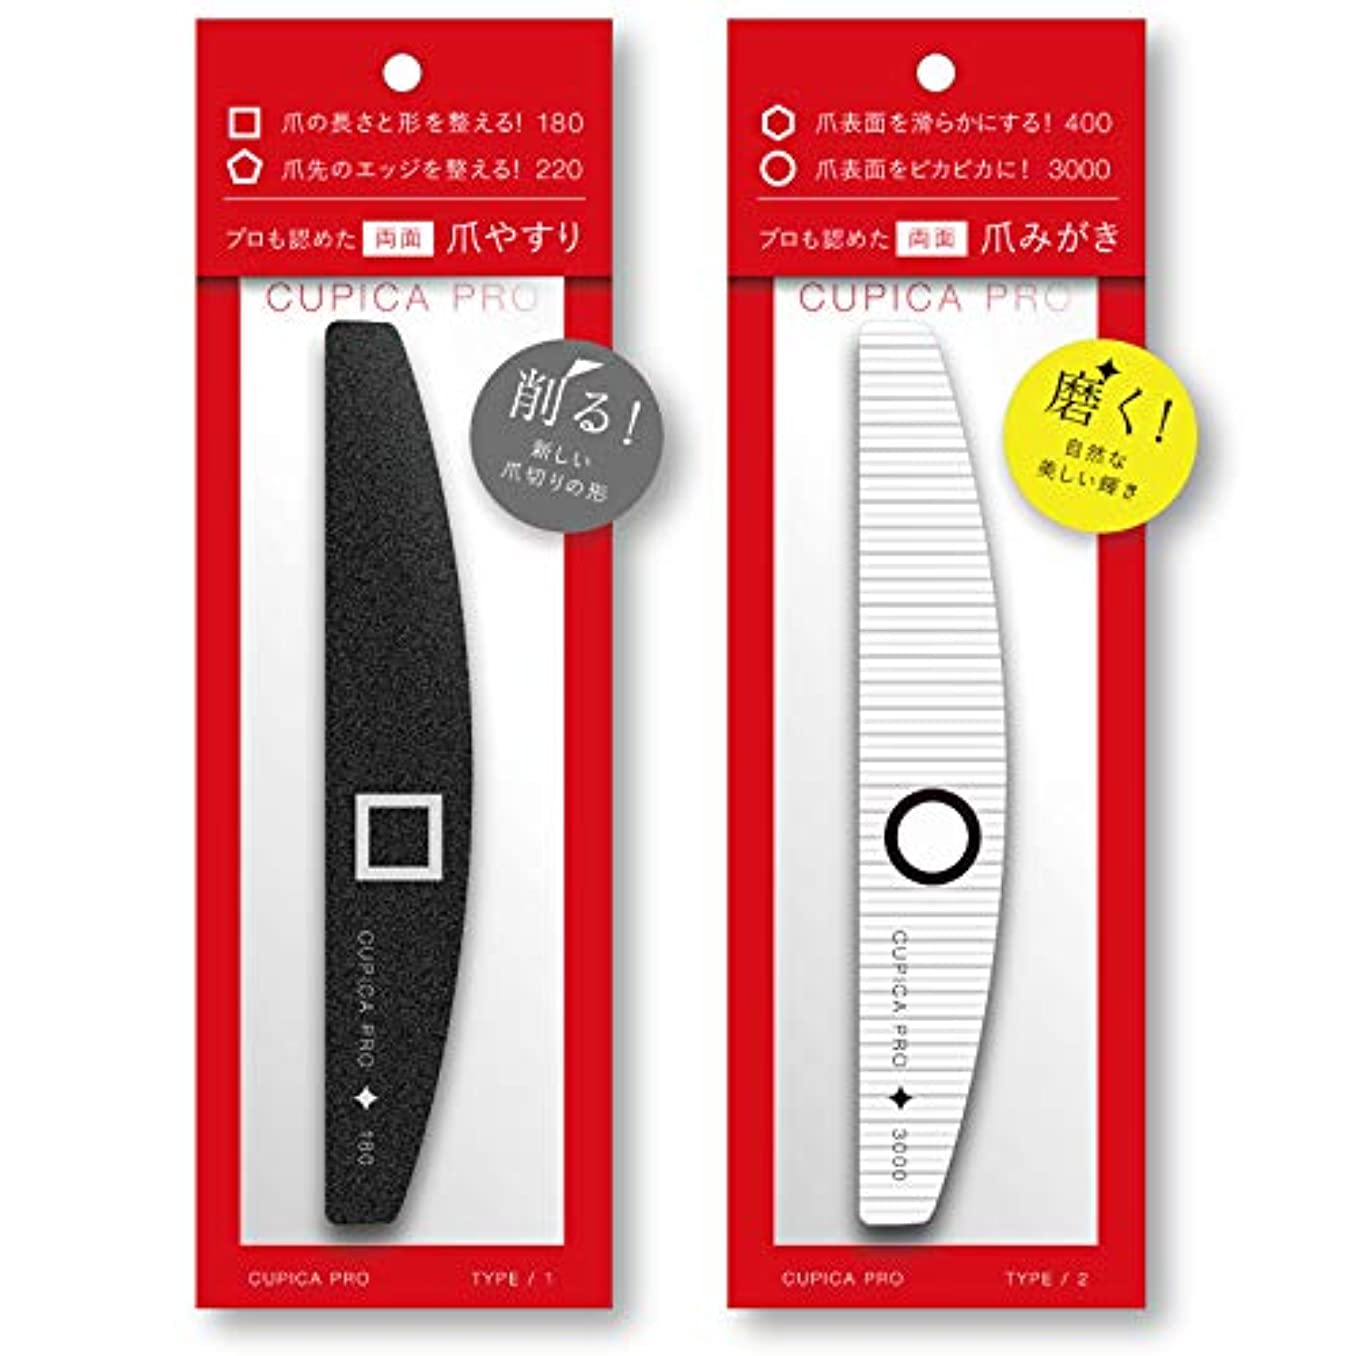 パテマネージャーダルセットアリーナ キュピカPRO セット コンビファイル ネイルシャイナー 爪やすり 爪磨き ネイルケアセット 2点セット